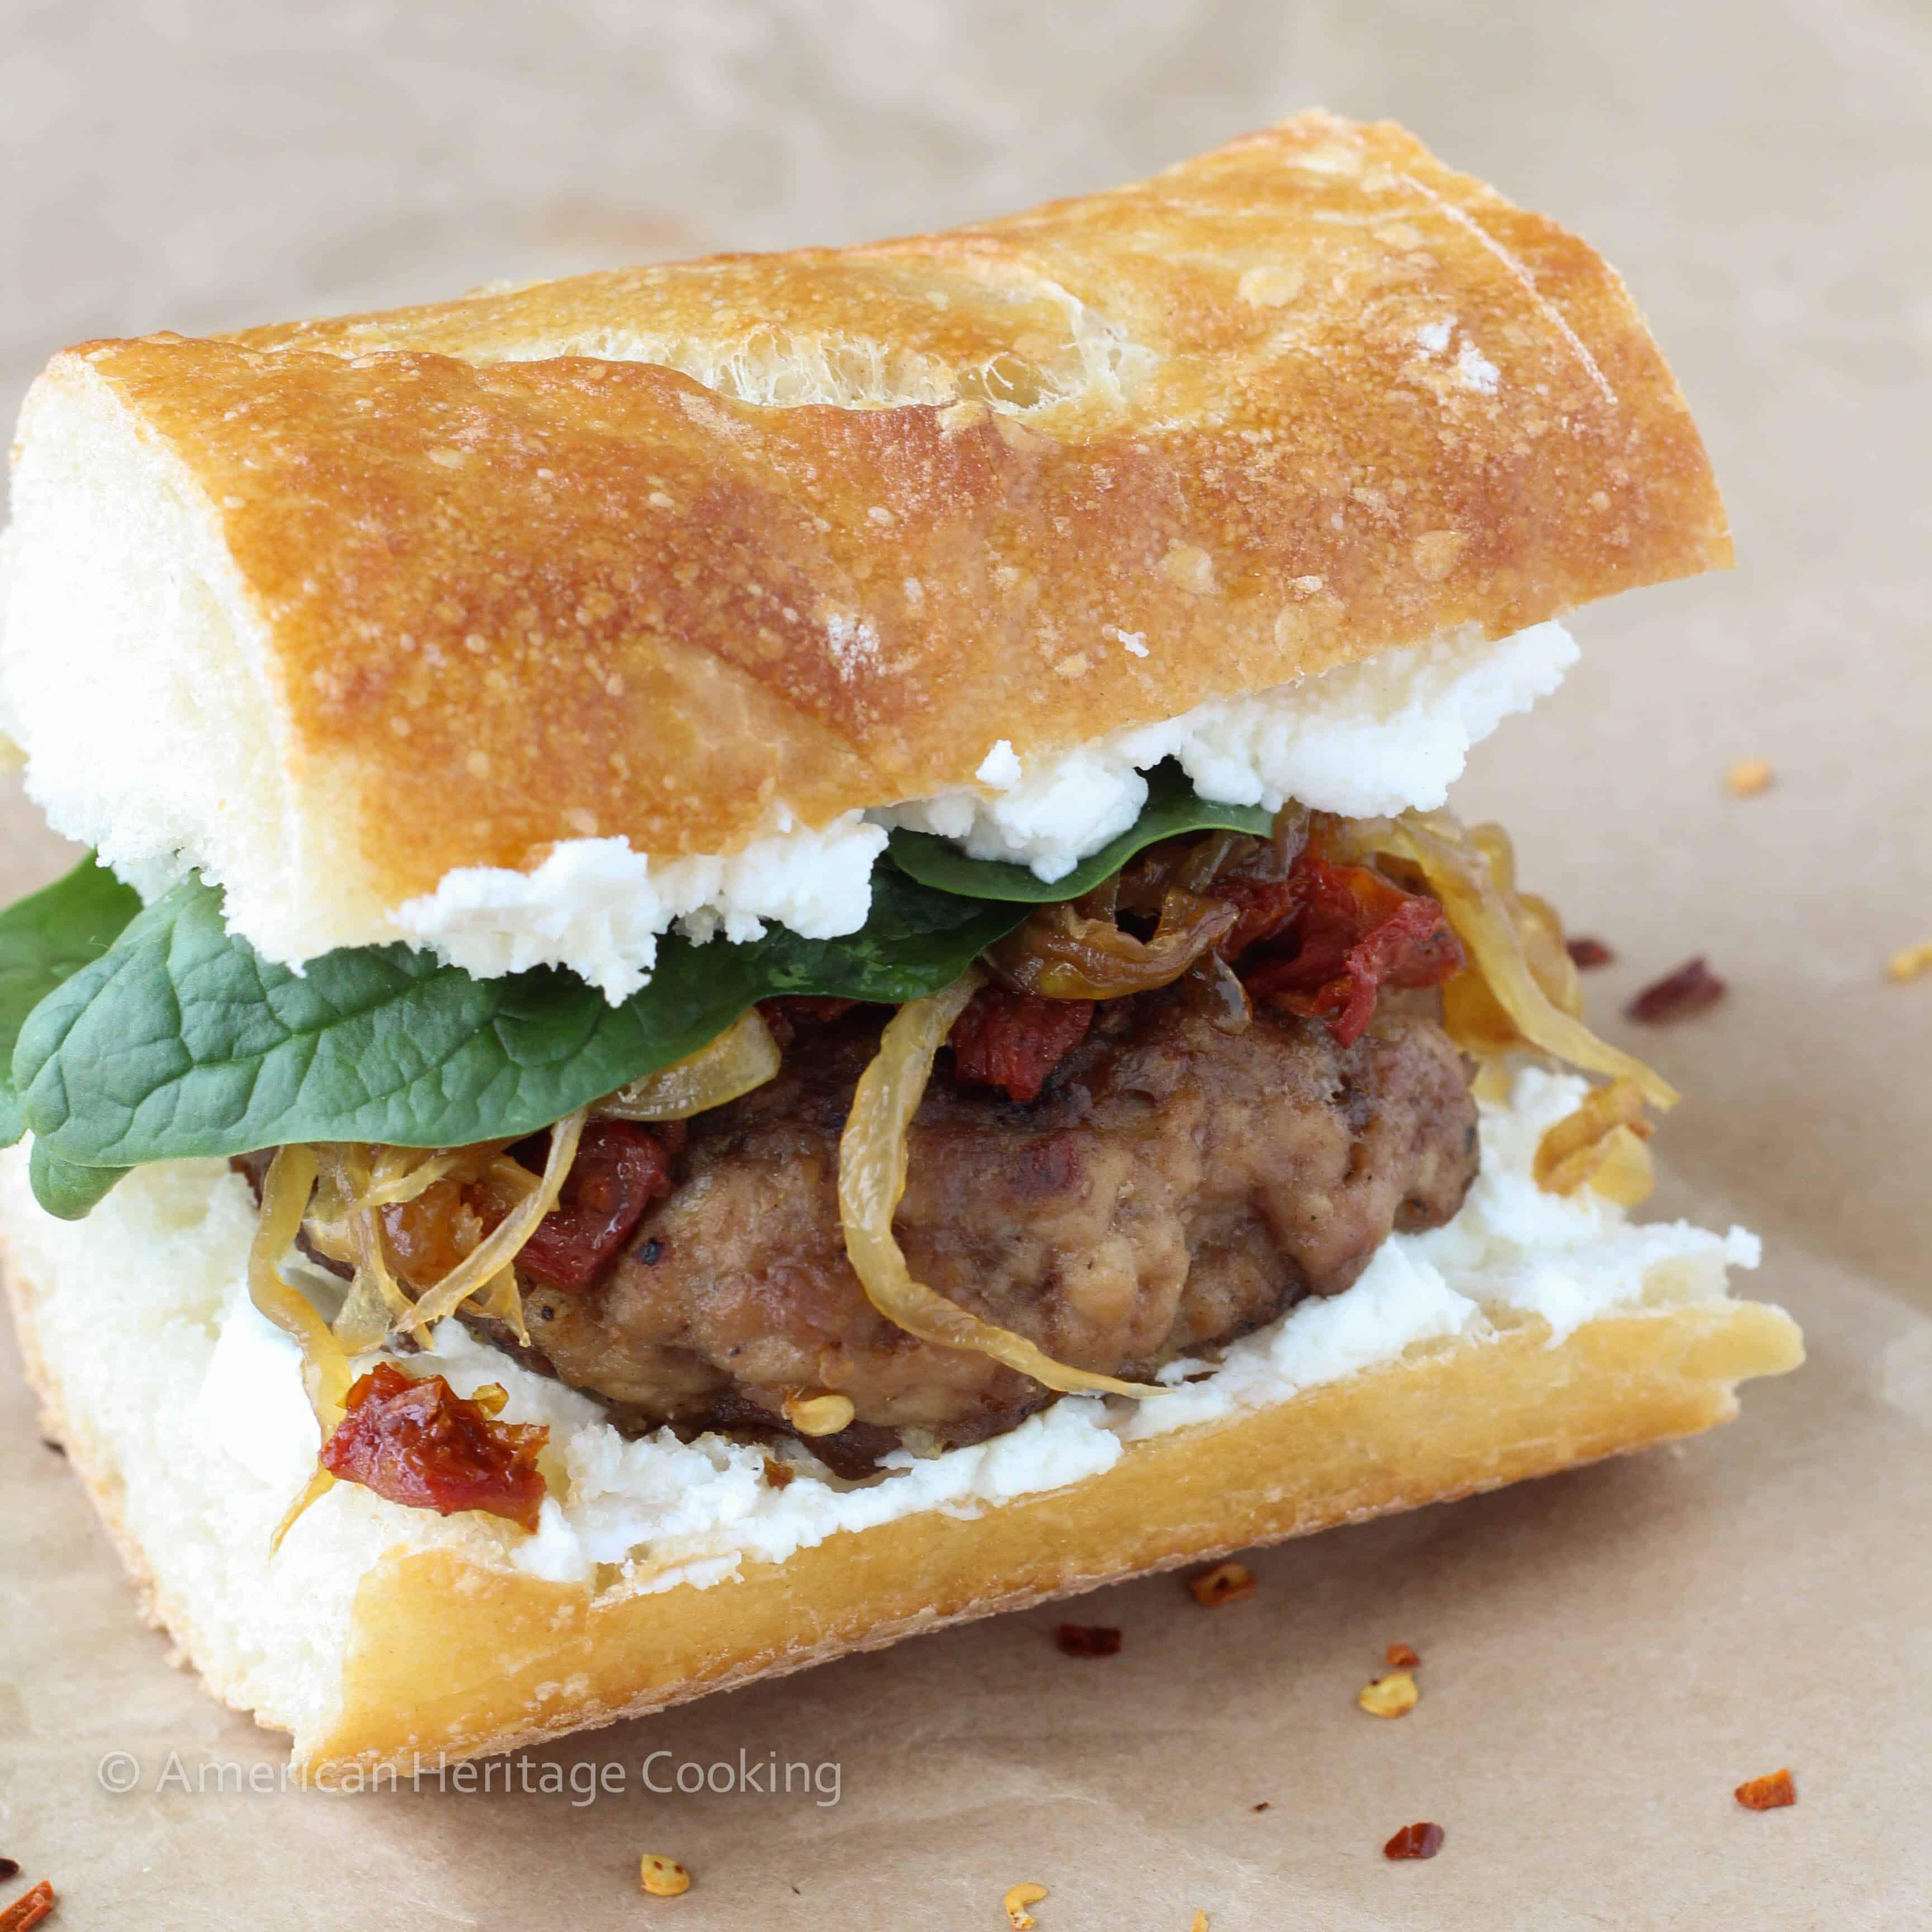 Gourmet turkey burger on a baguette